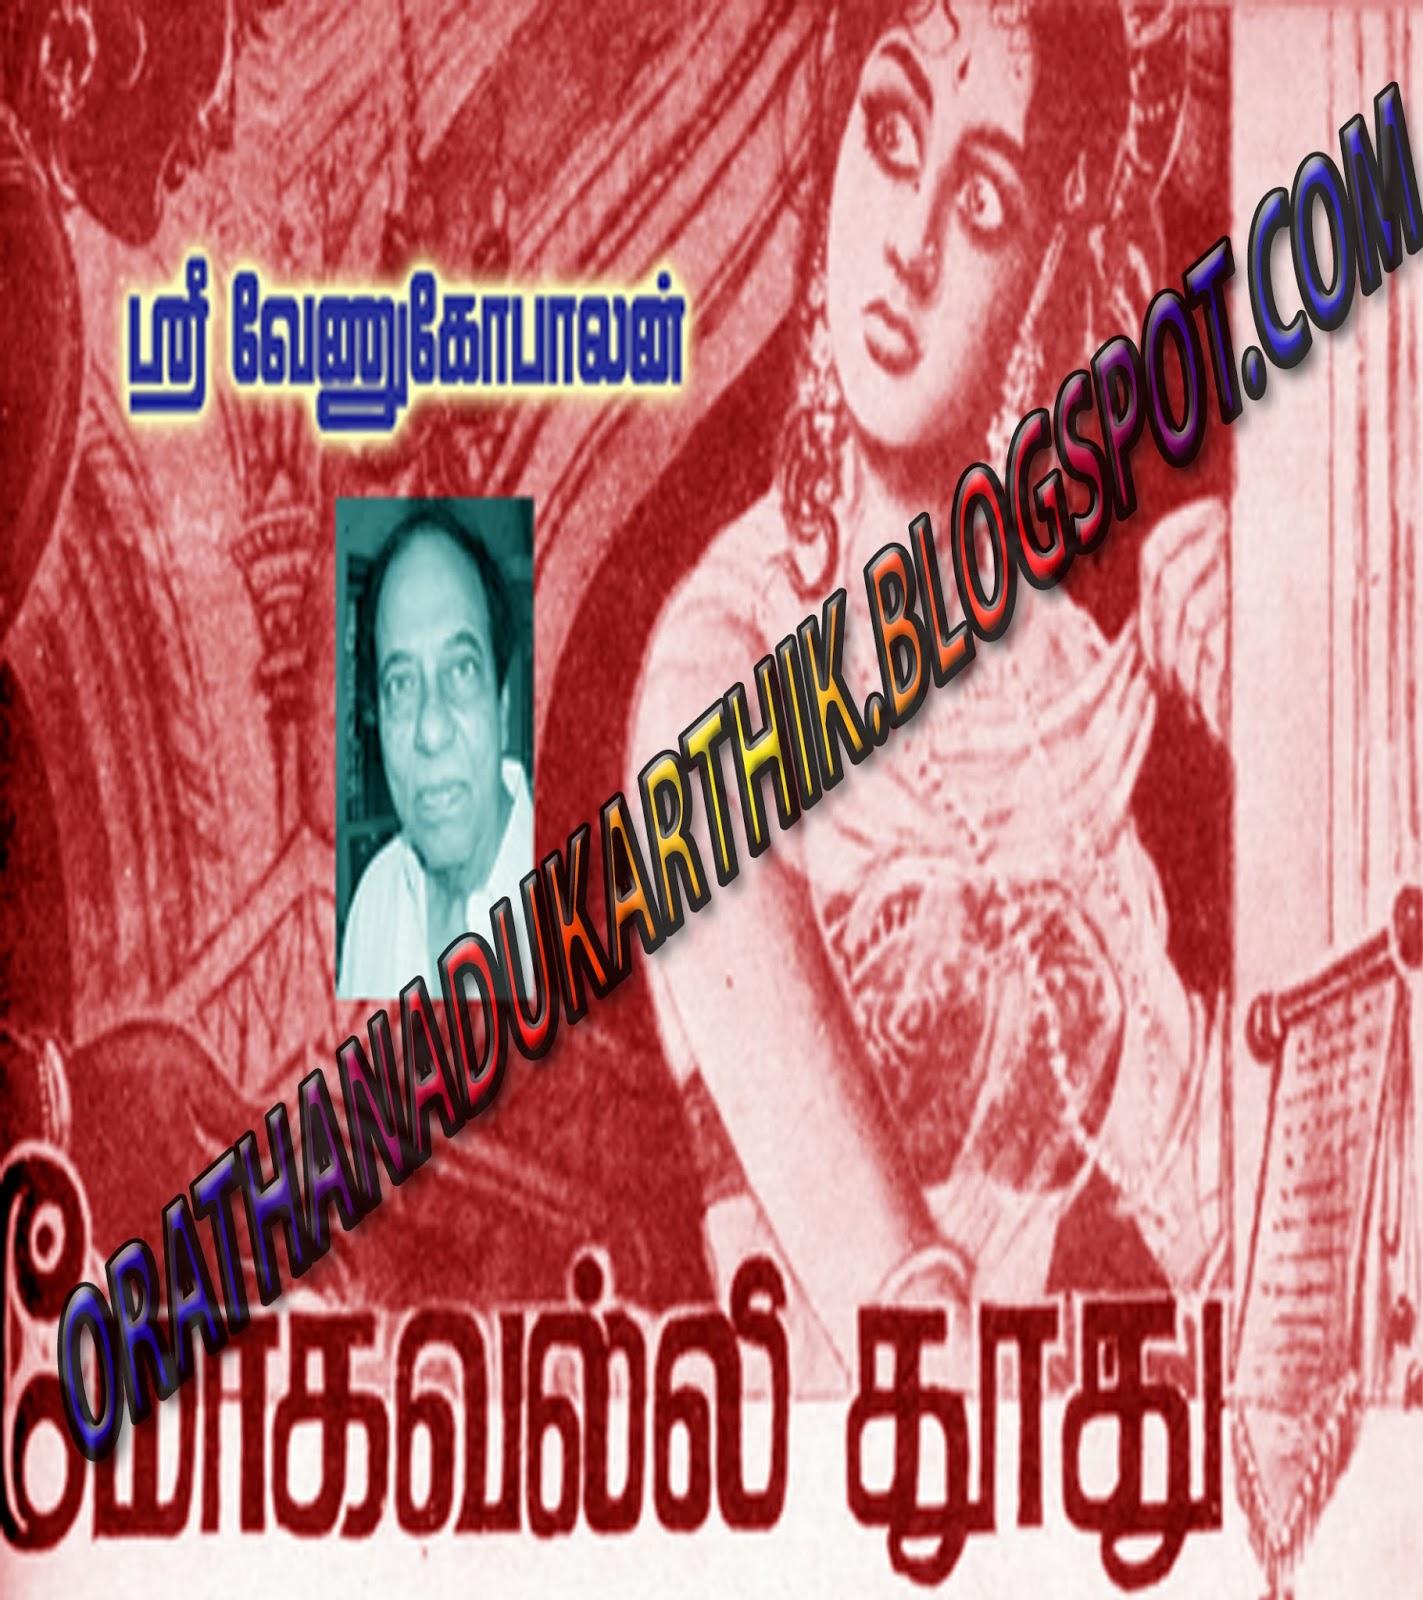 மோகவல்லி தூது-ஸ்ரீ வேணுகோபாலன் நூல்  Mogavalli